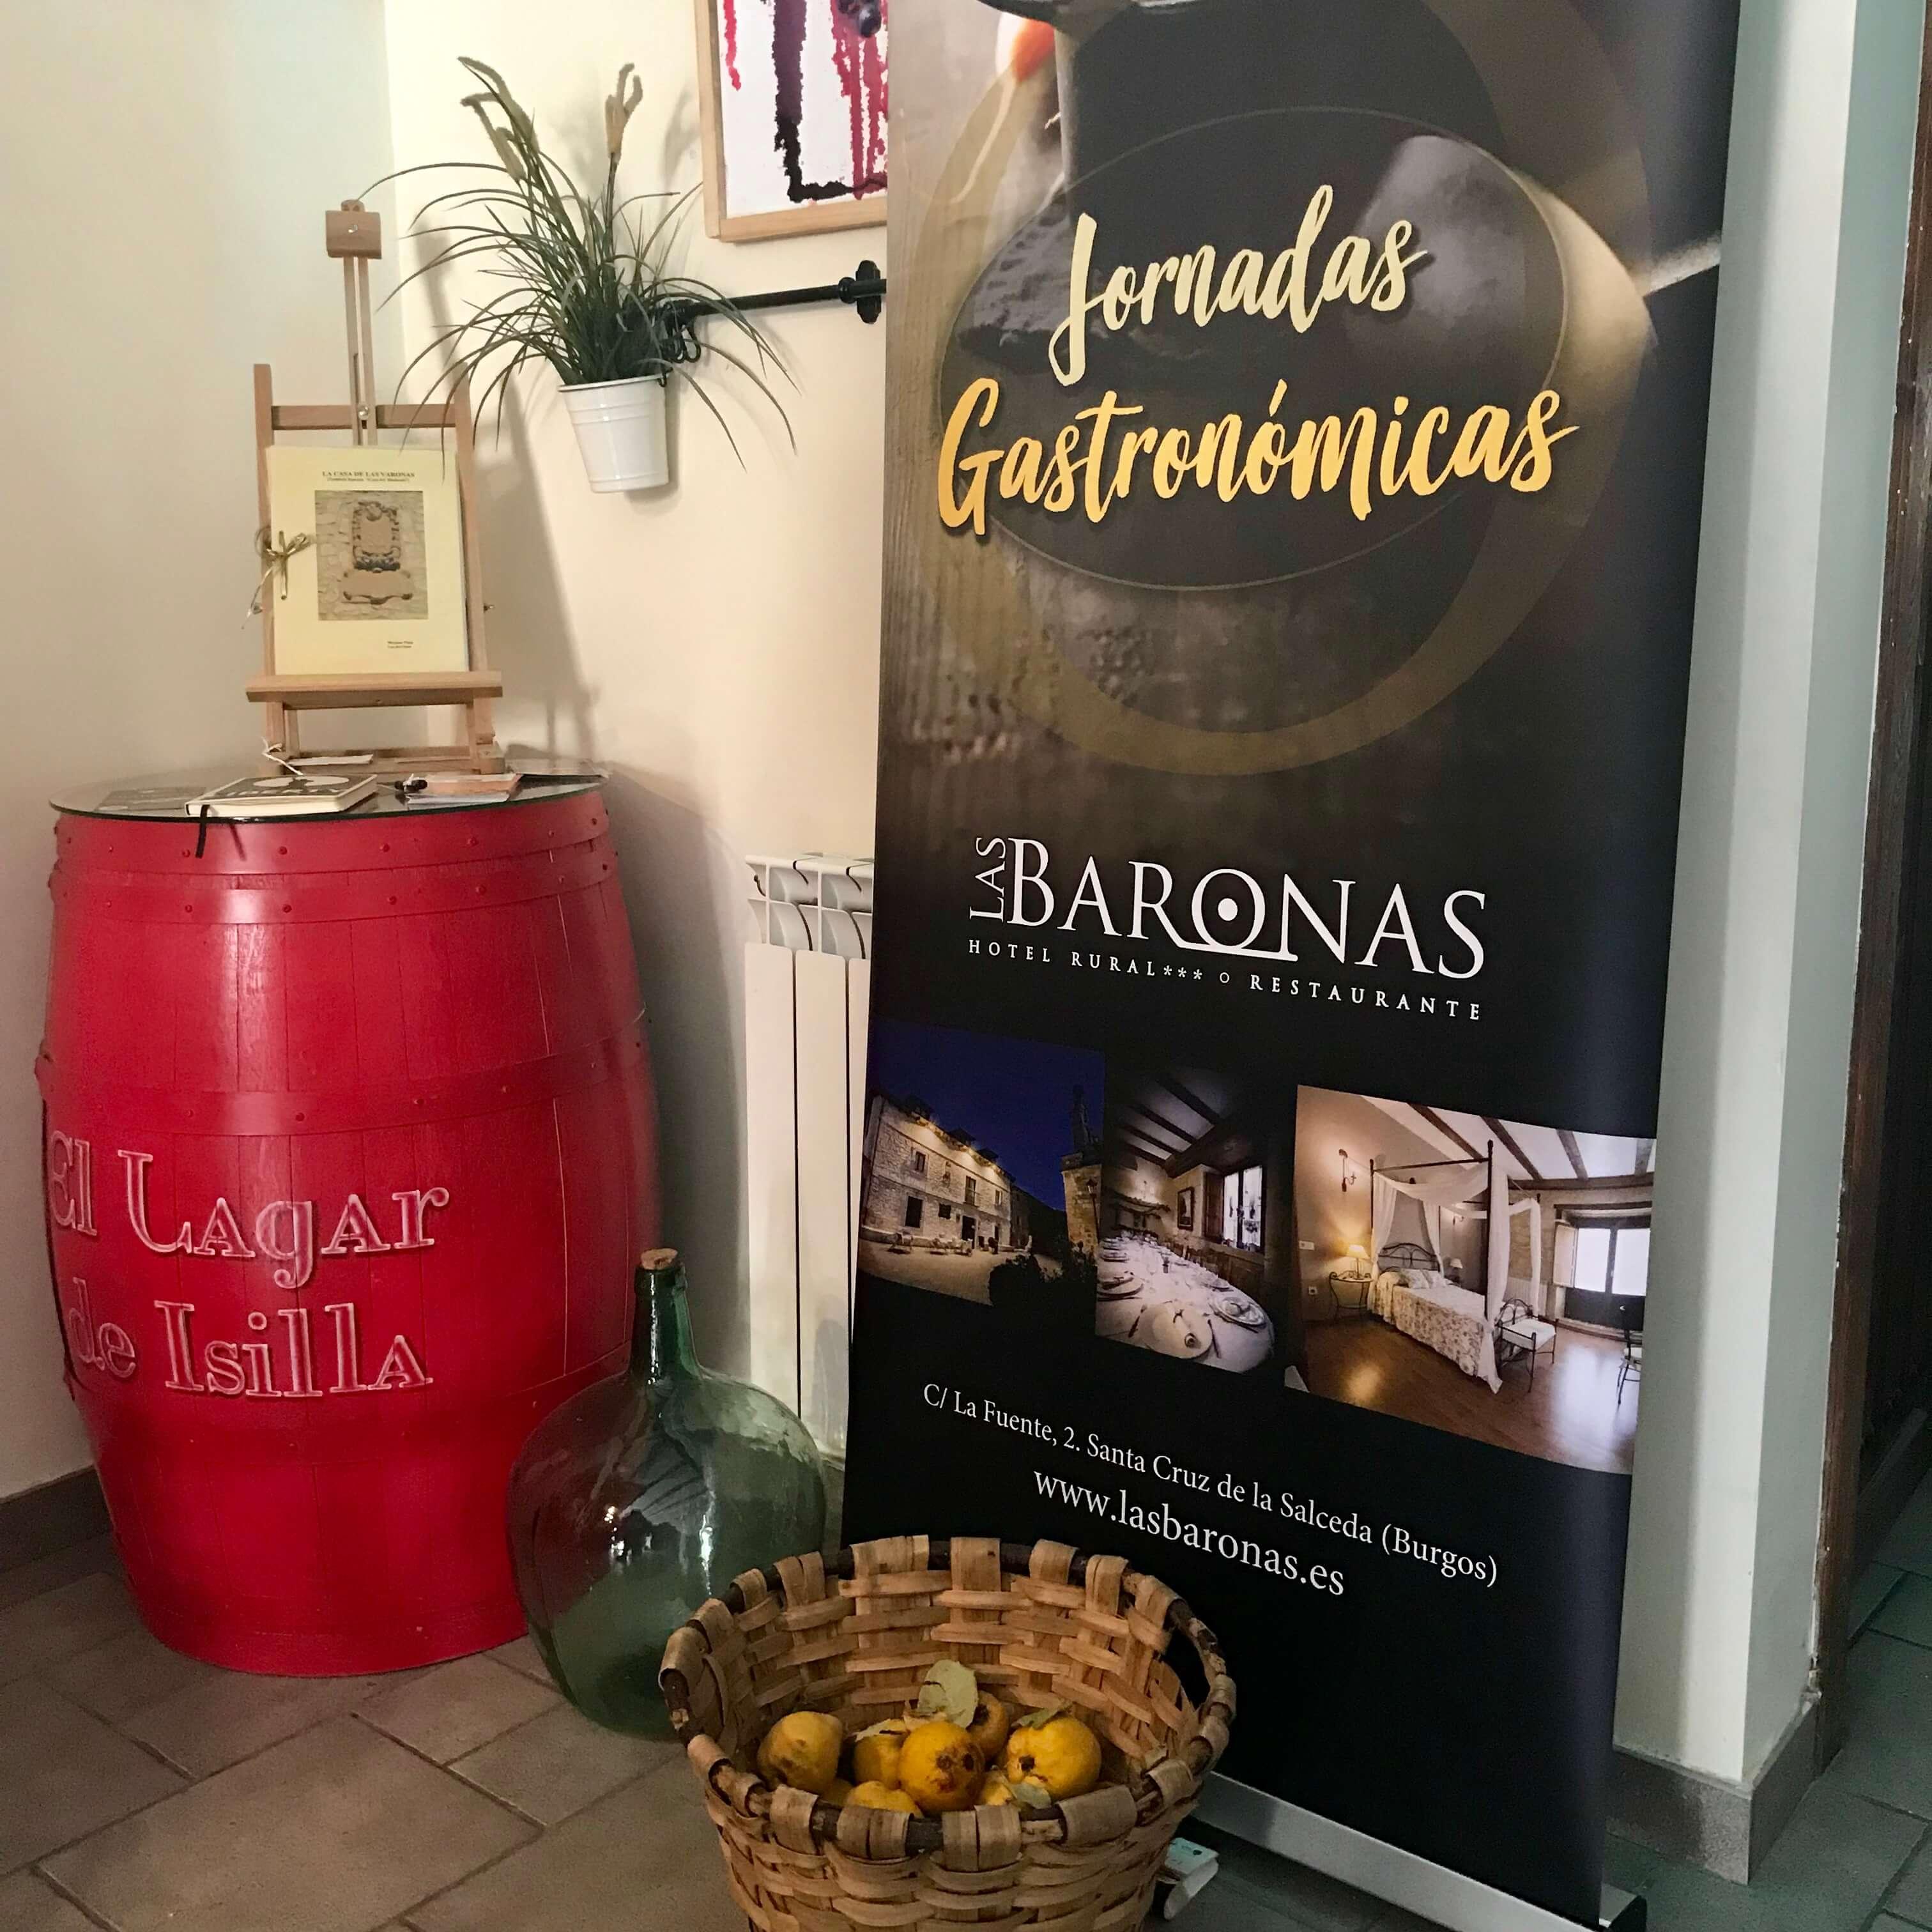 Jornadas del Puchero, Las Baronas